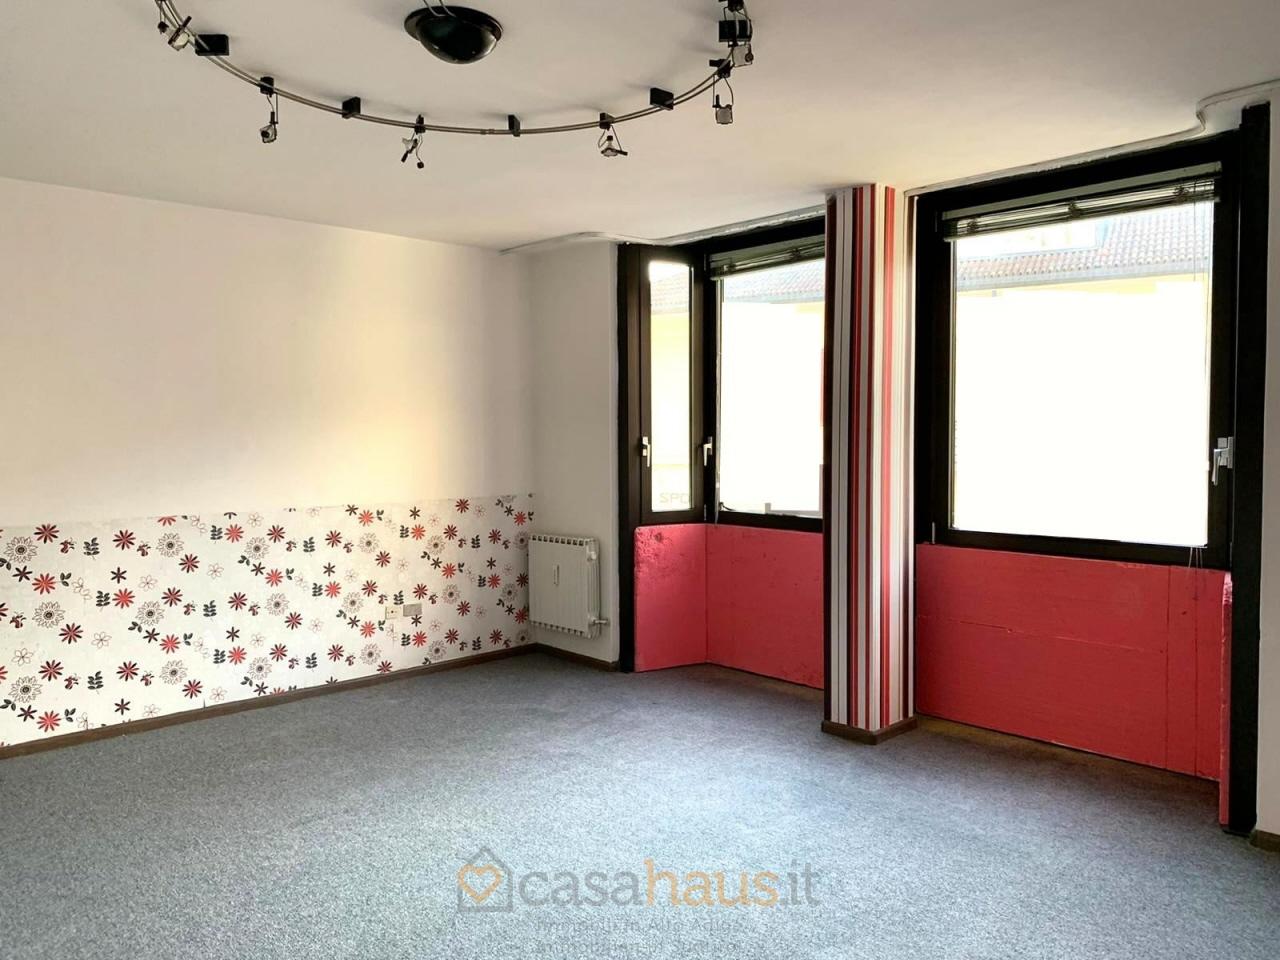 Appartamento in vendita a Lana, 2 locali, prezzo € 210.000 | CambioCasa.it